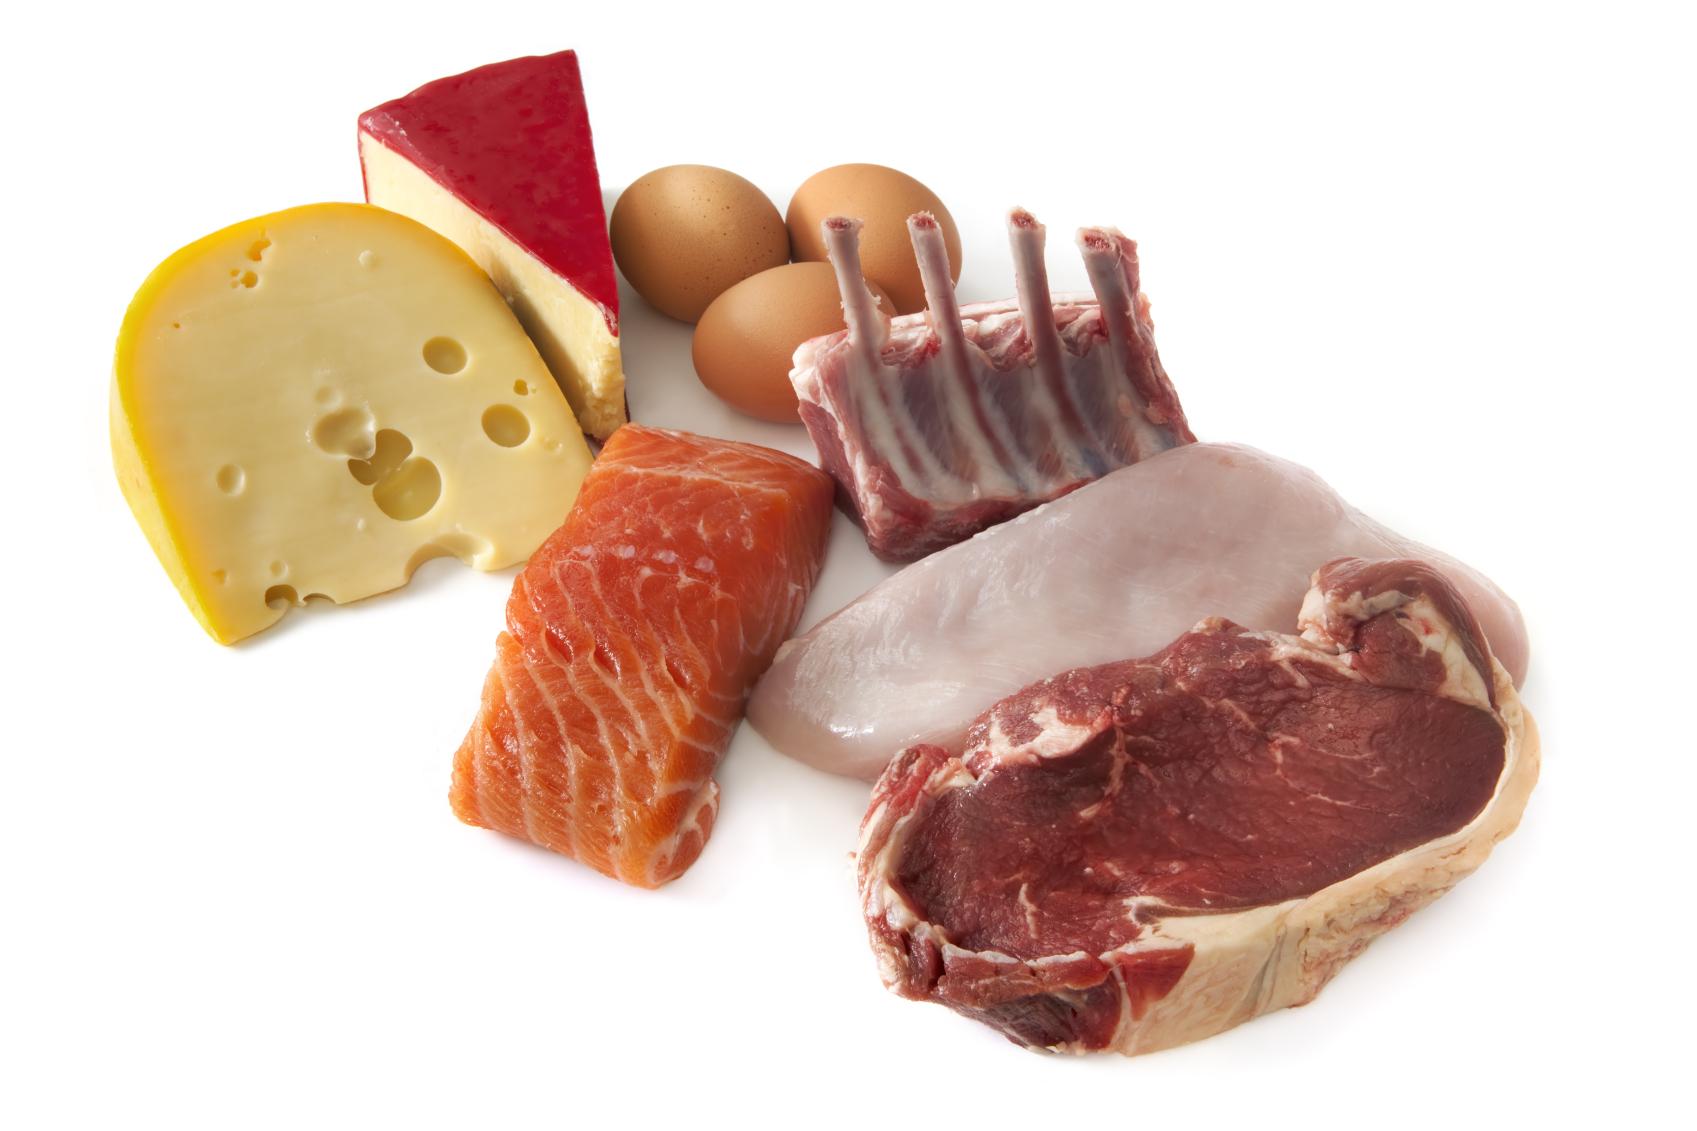 Белковая Диета Для Похудения Ютуб. Белковая диета на неделю — минус 6 кг за 7 дней (меню на каждый день)